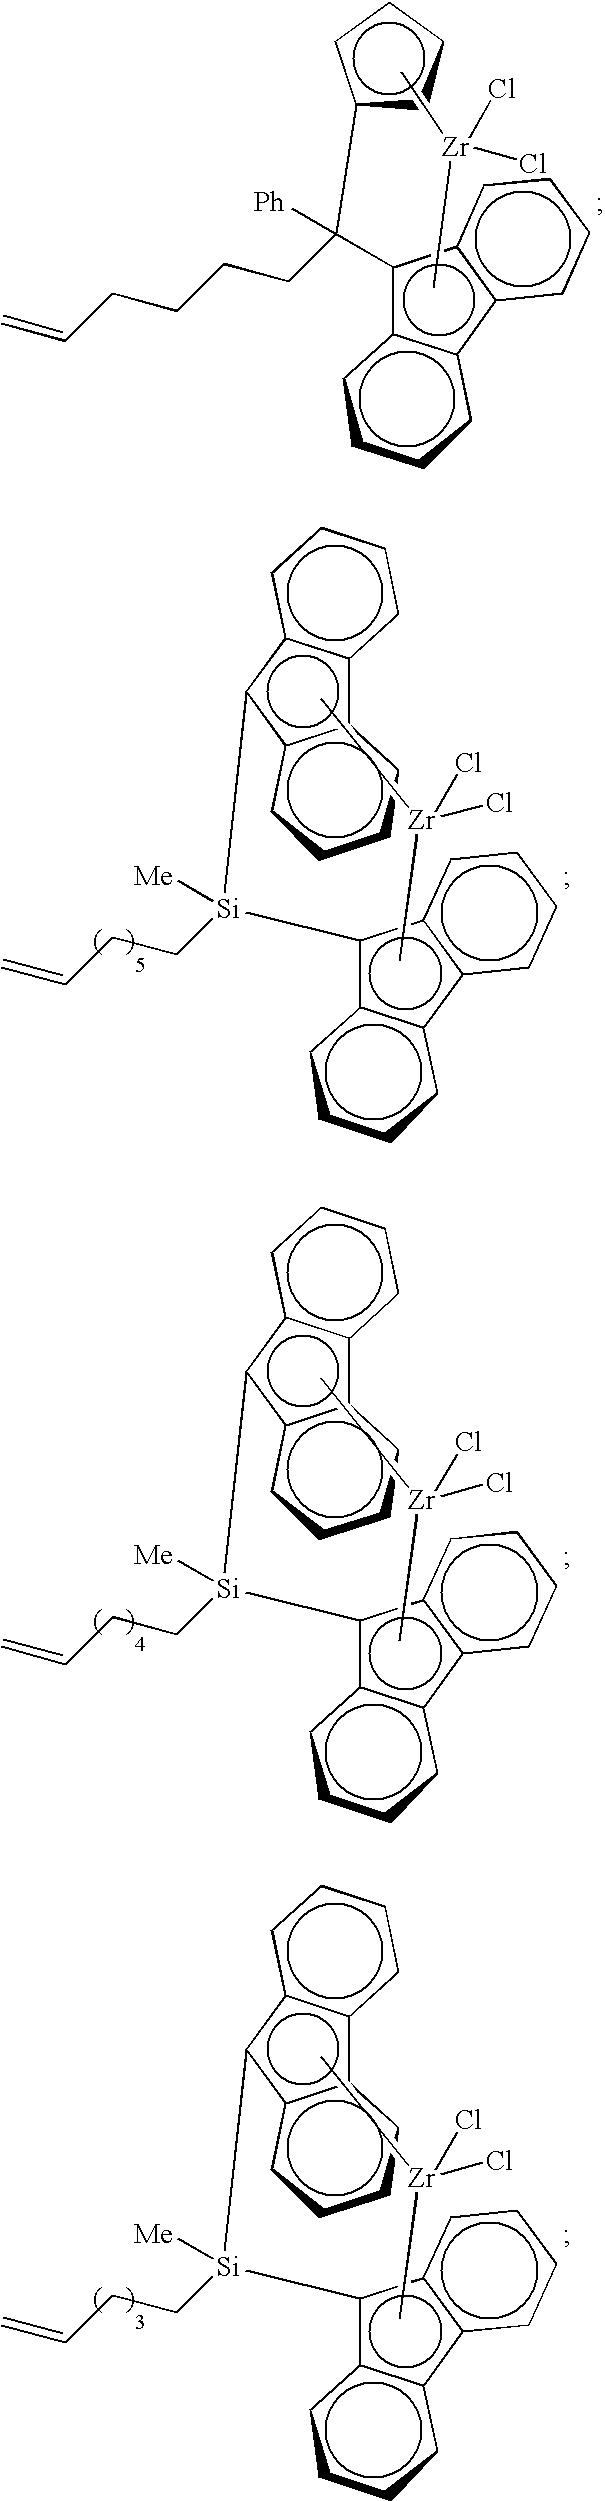 Figure US20050288461A1-20051229-C00028